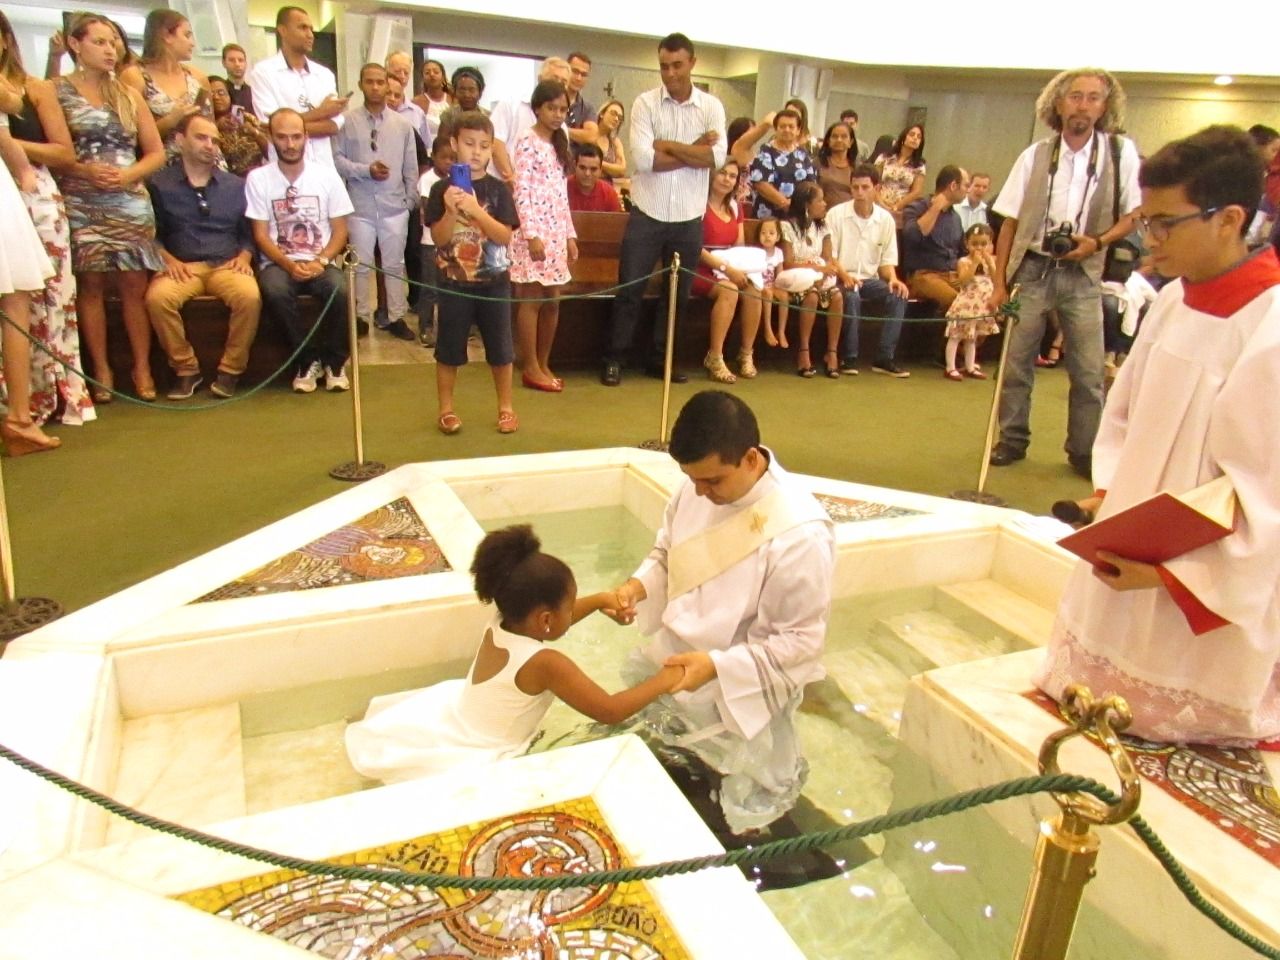 Orientações para o Batismo – Criançasaté 06 anos de idade